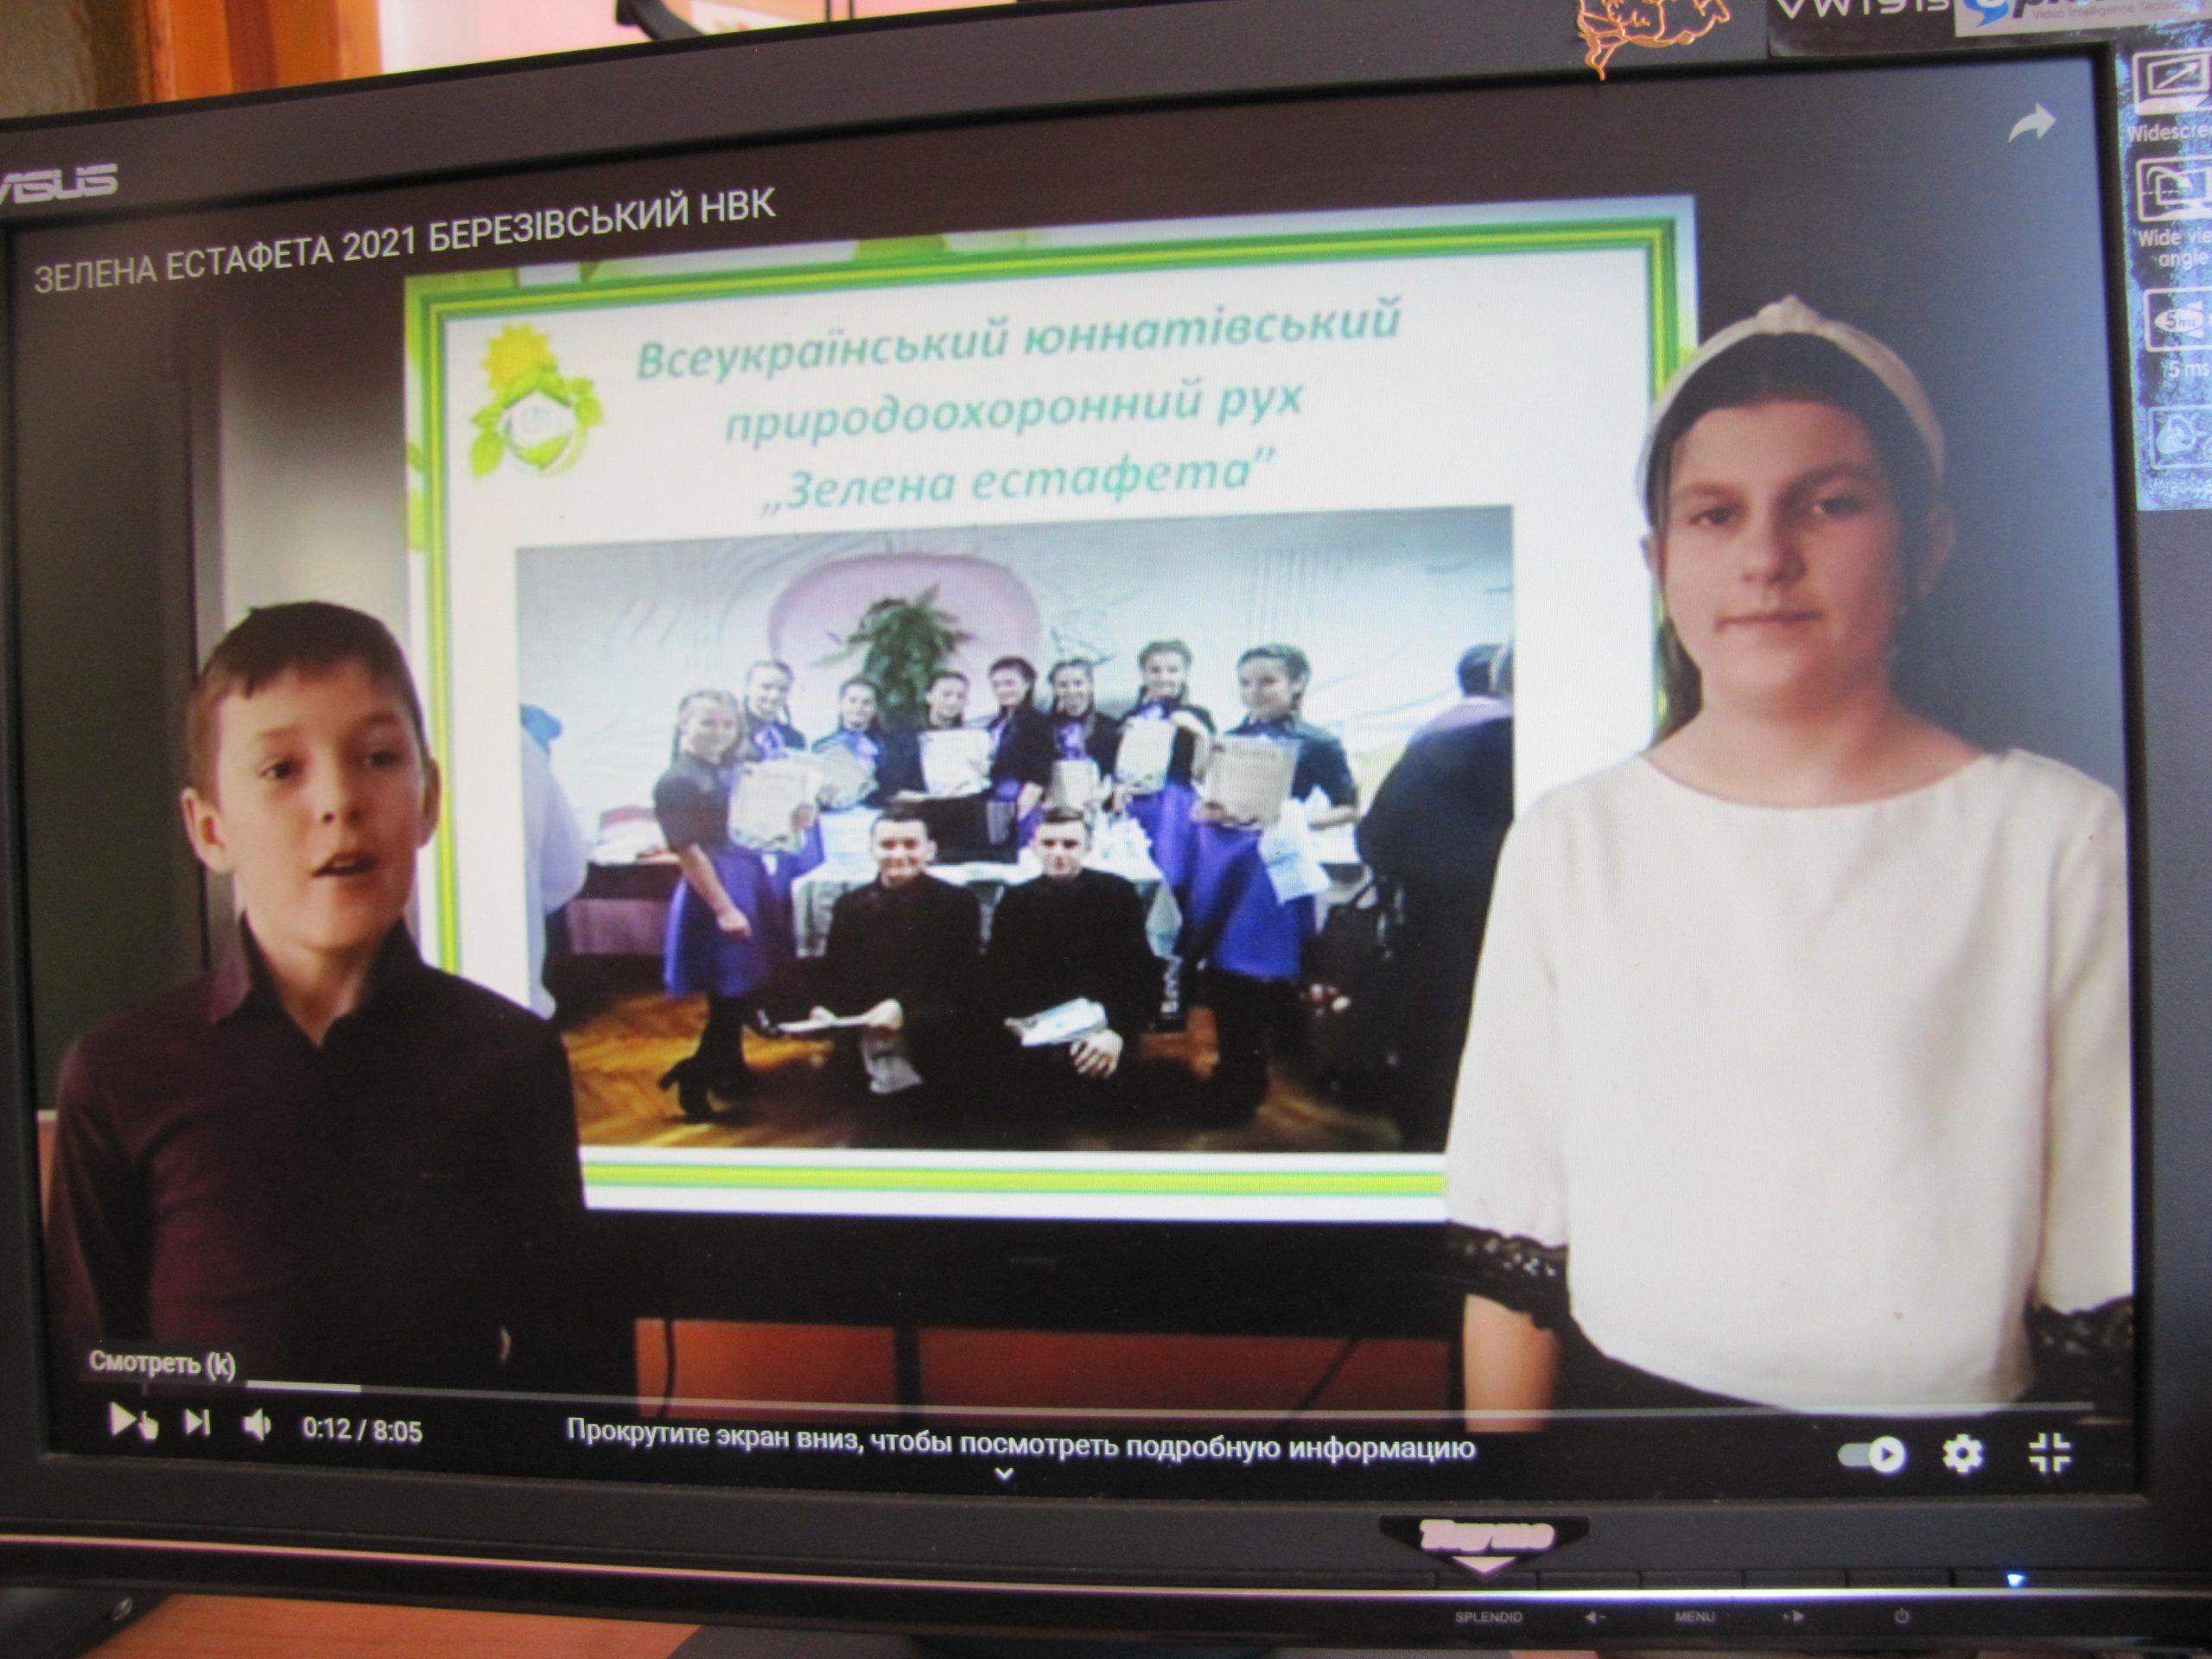 Всеукраїнський  юннатівський природоохоронний  рух «Зелена естафета»